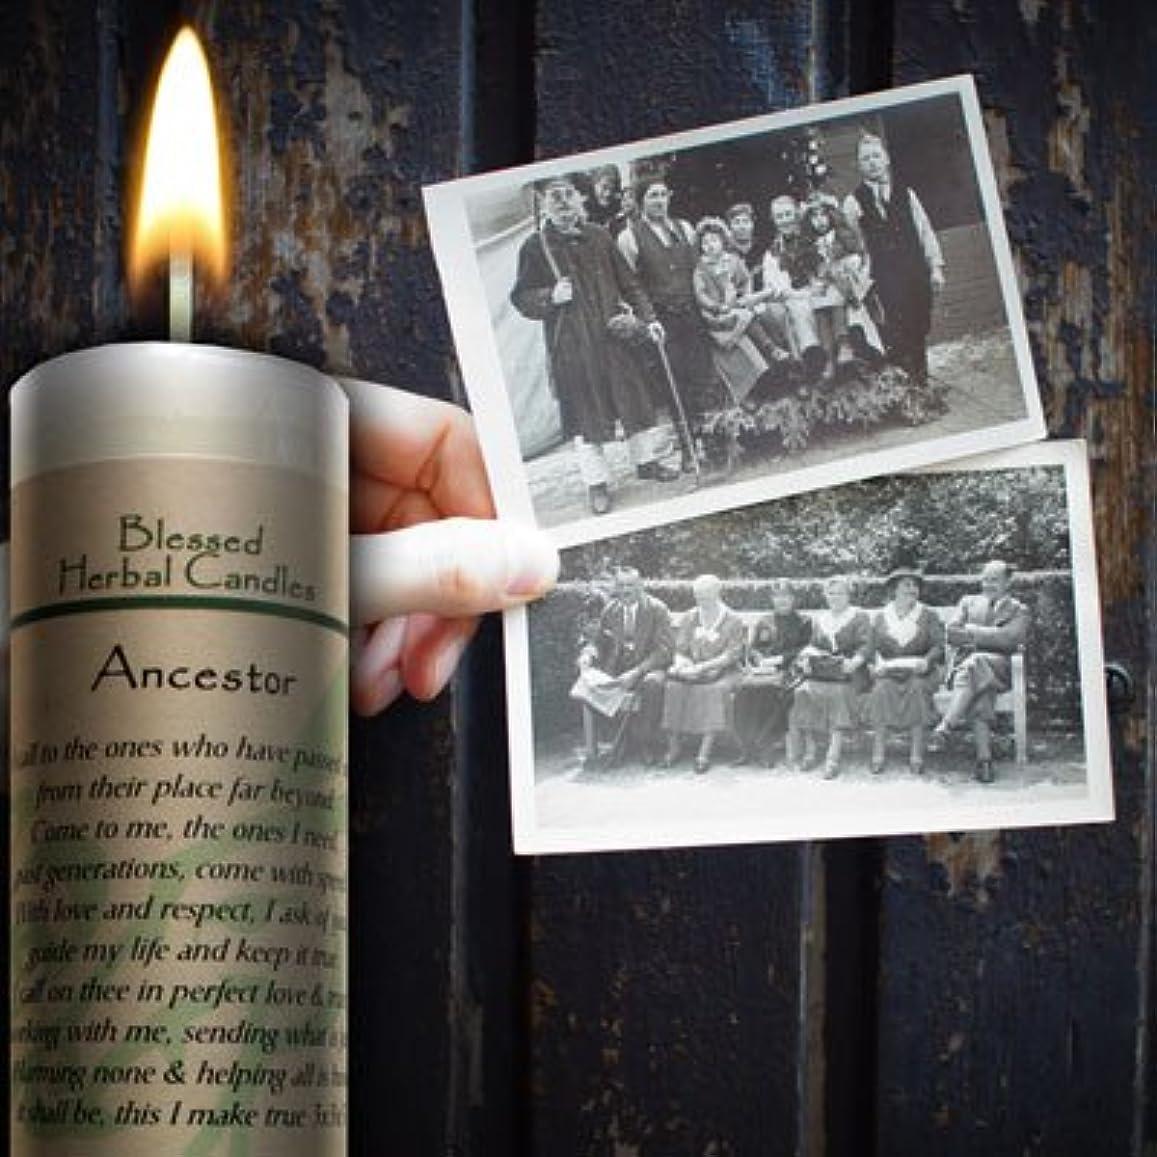 ミント影かけるBlessedハーブ祖先Candle